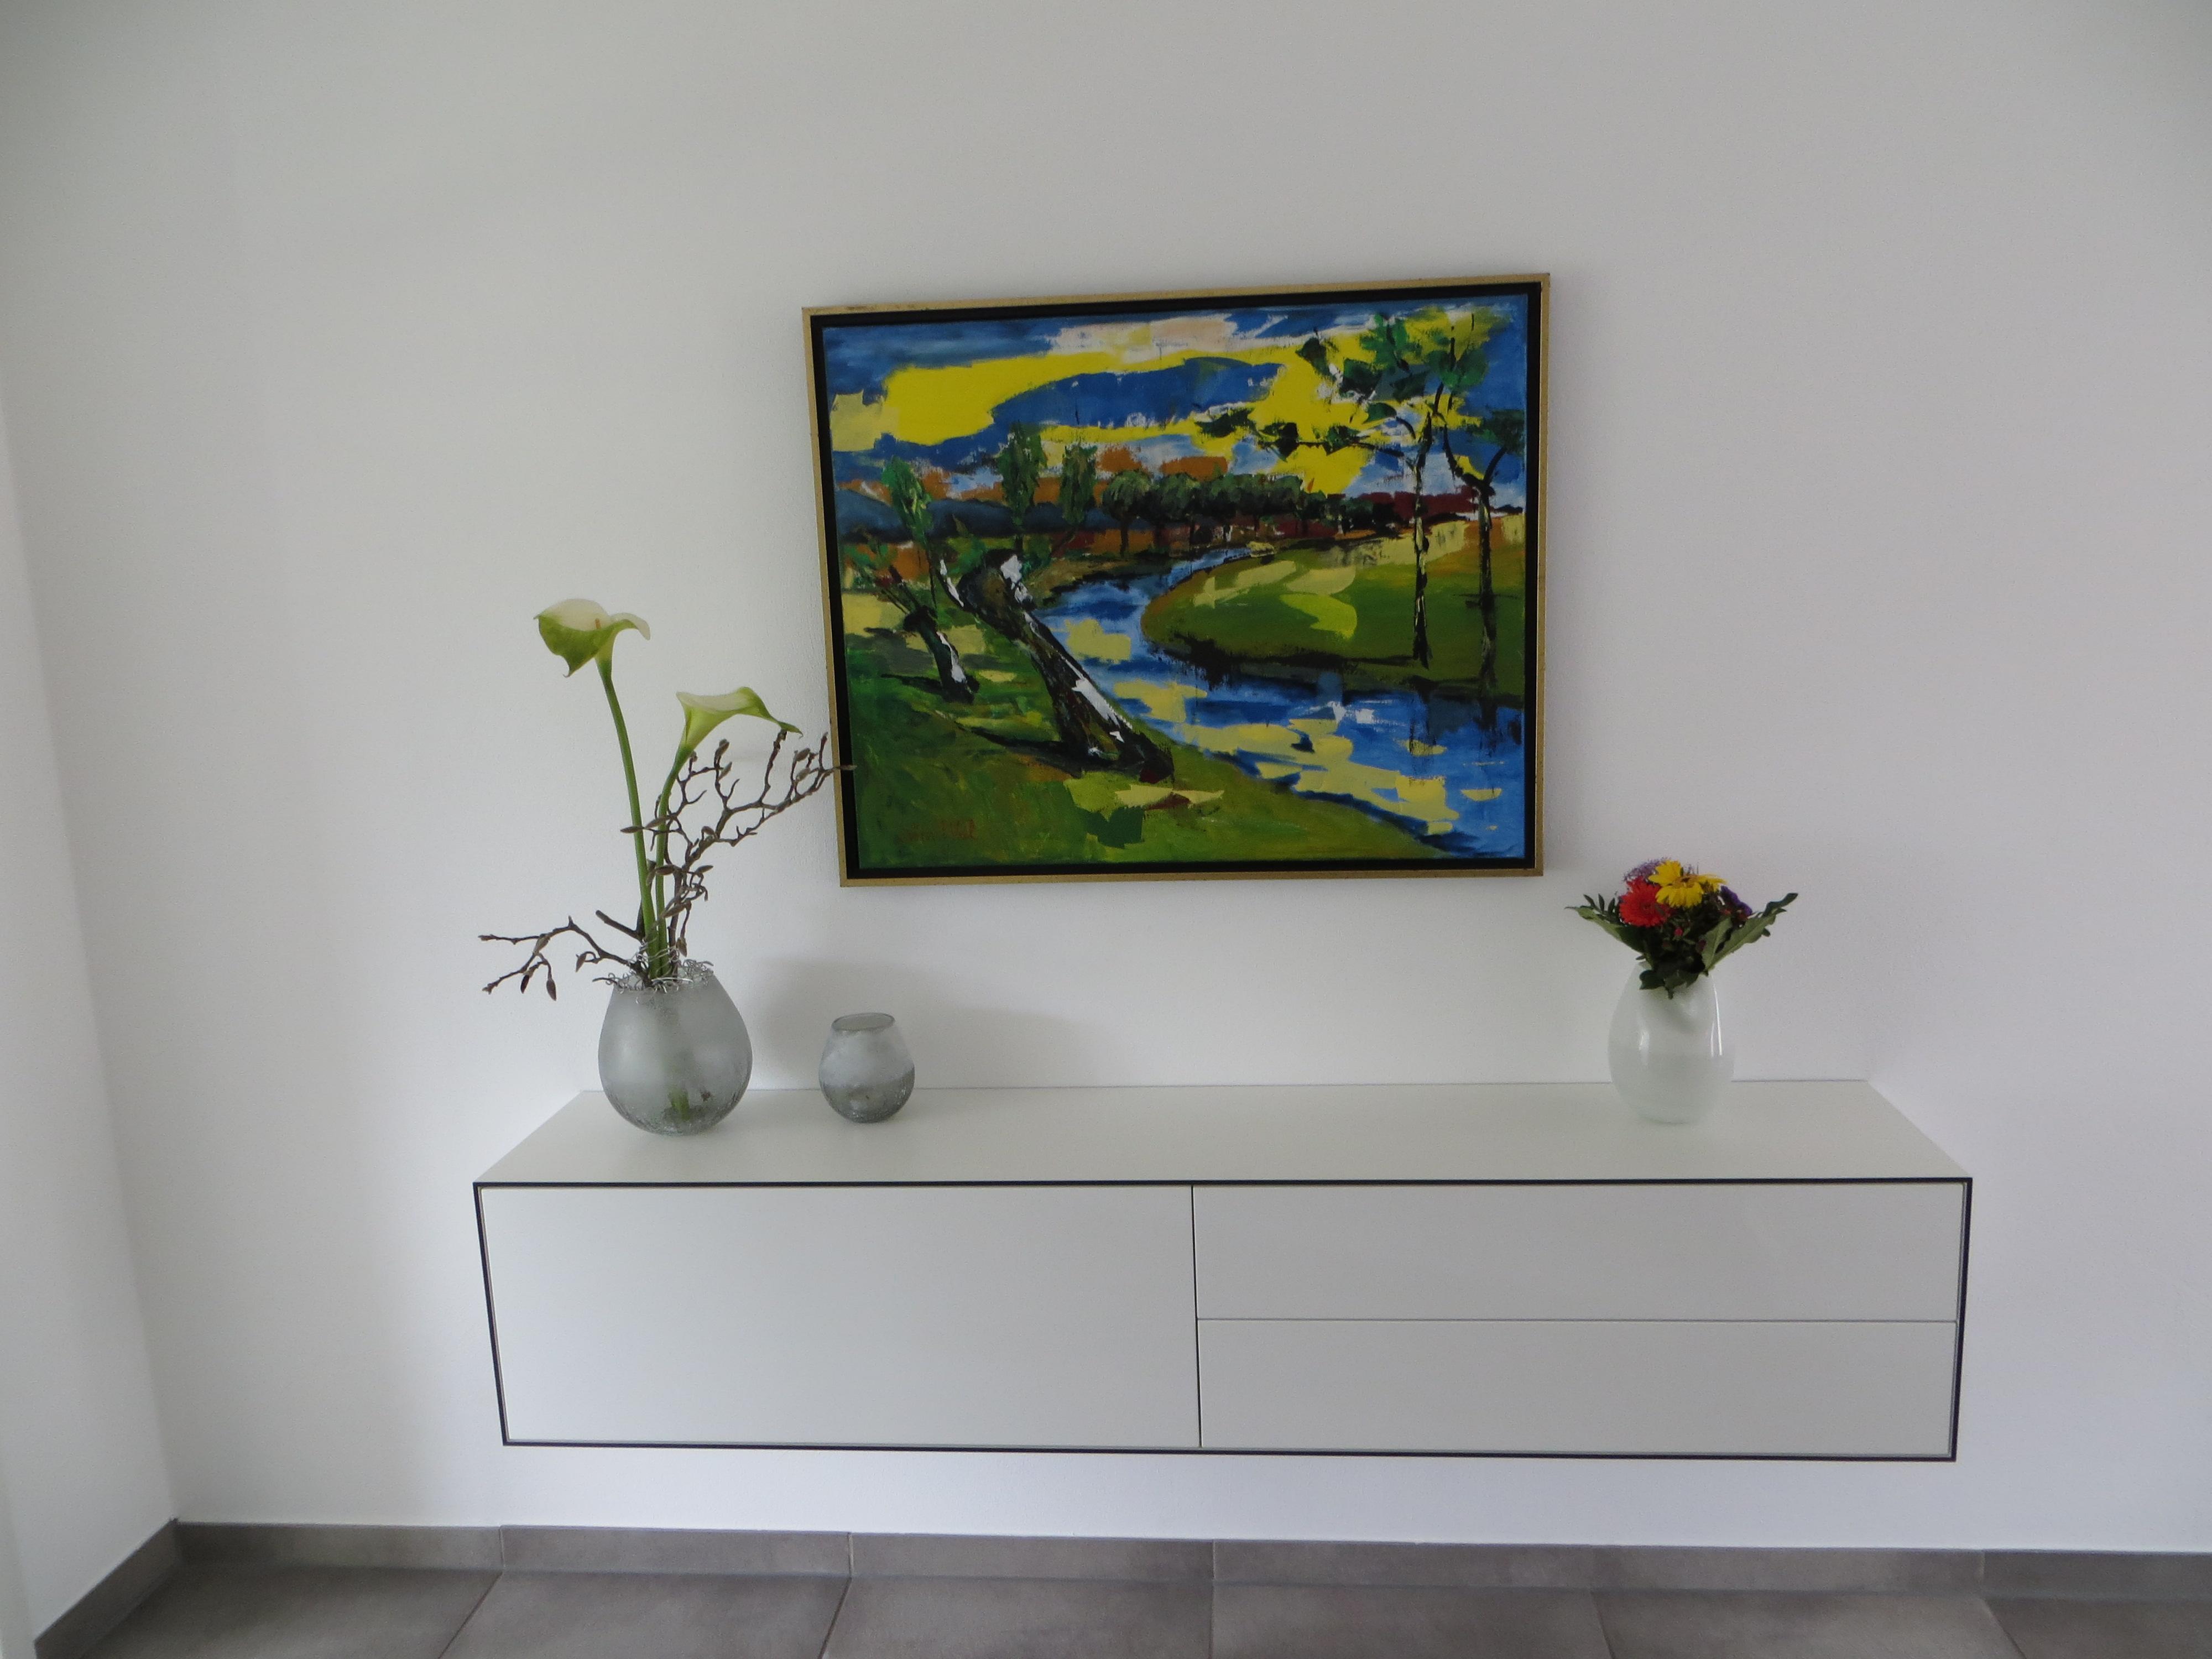 Die besten Adressen für Haus & Garten - Möbel in Castrop ...